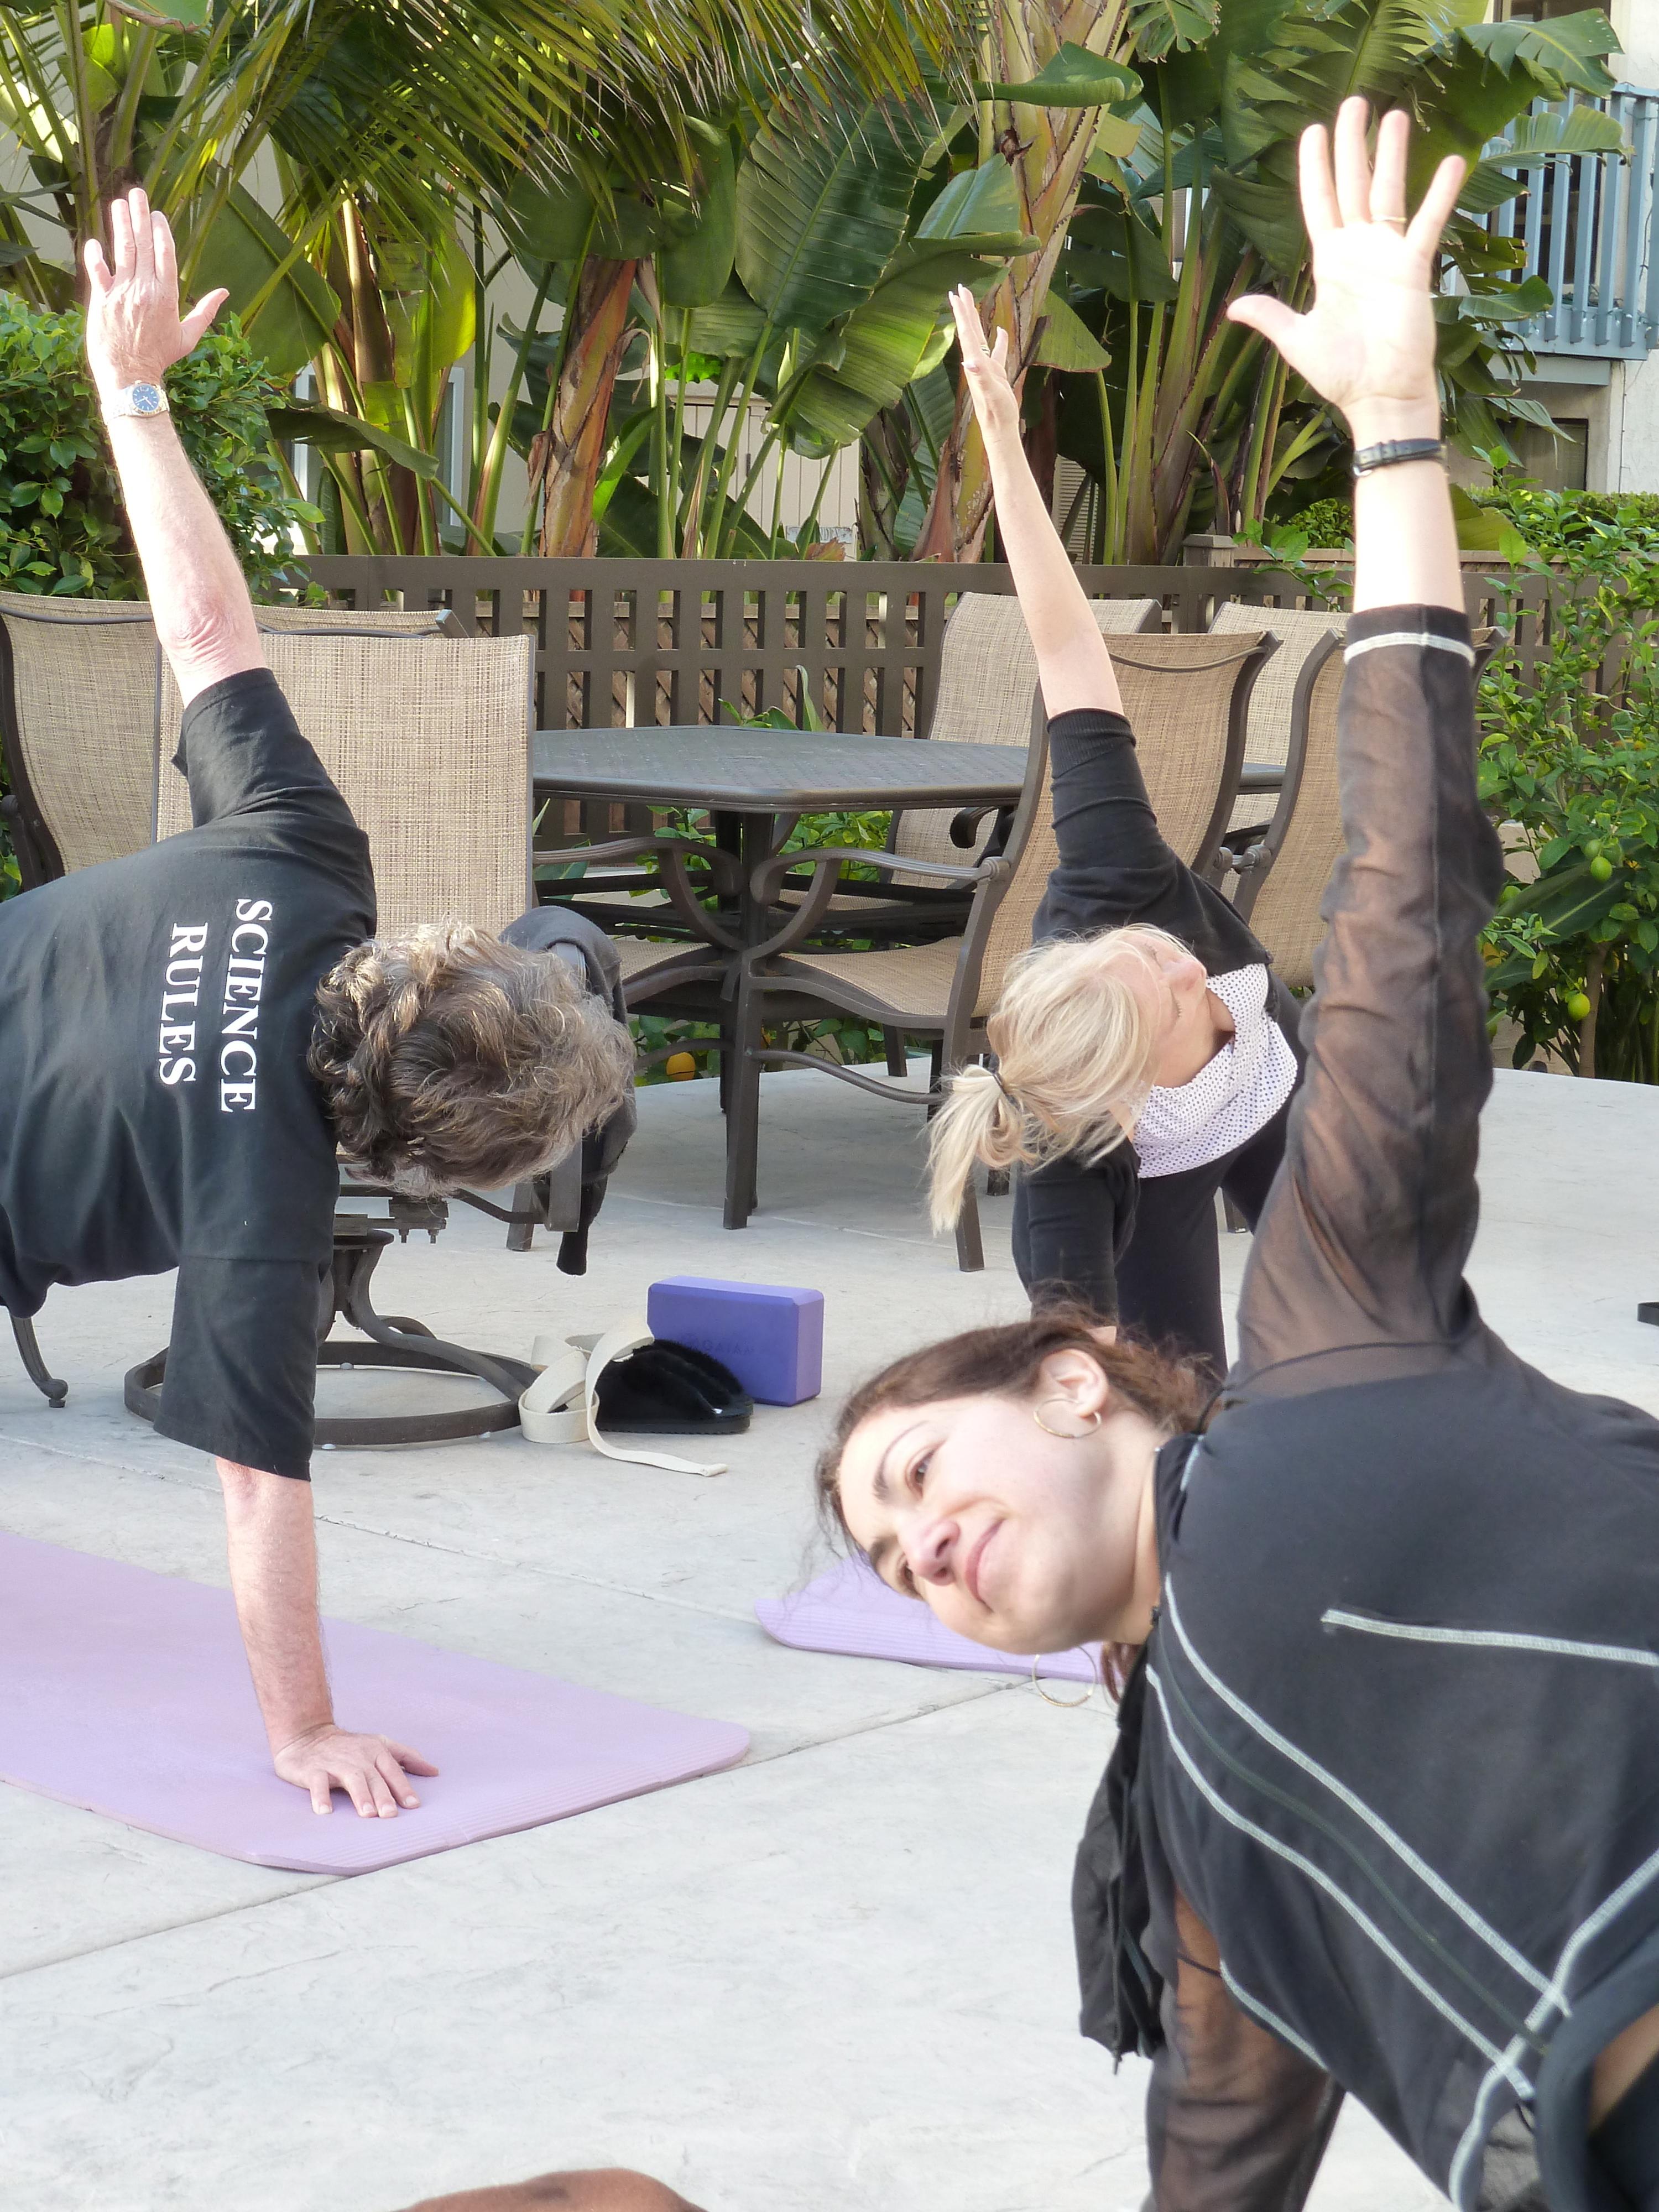 San diego bike ride along the boardwalk yoga by fran for Yoga retreat san diego